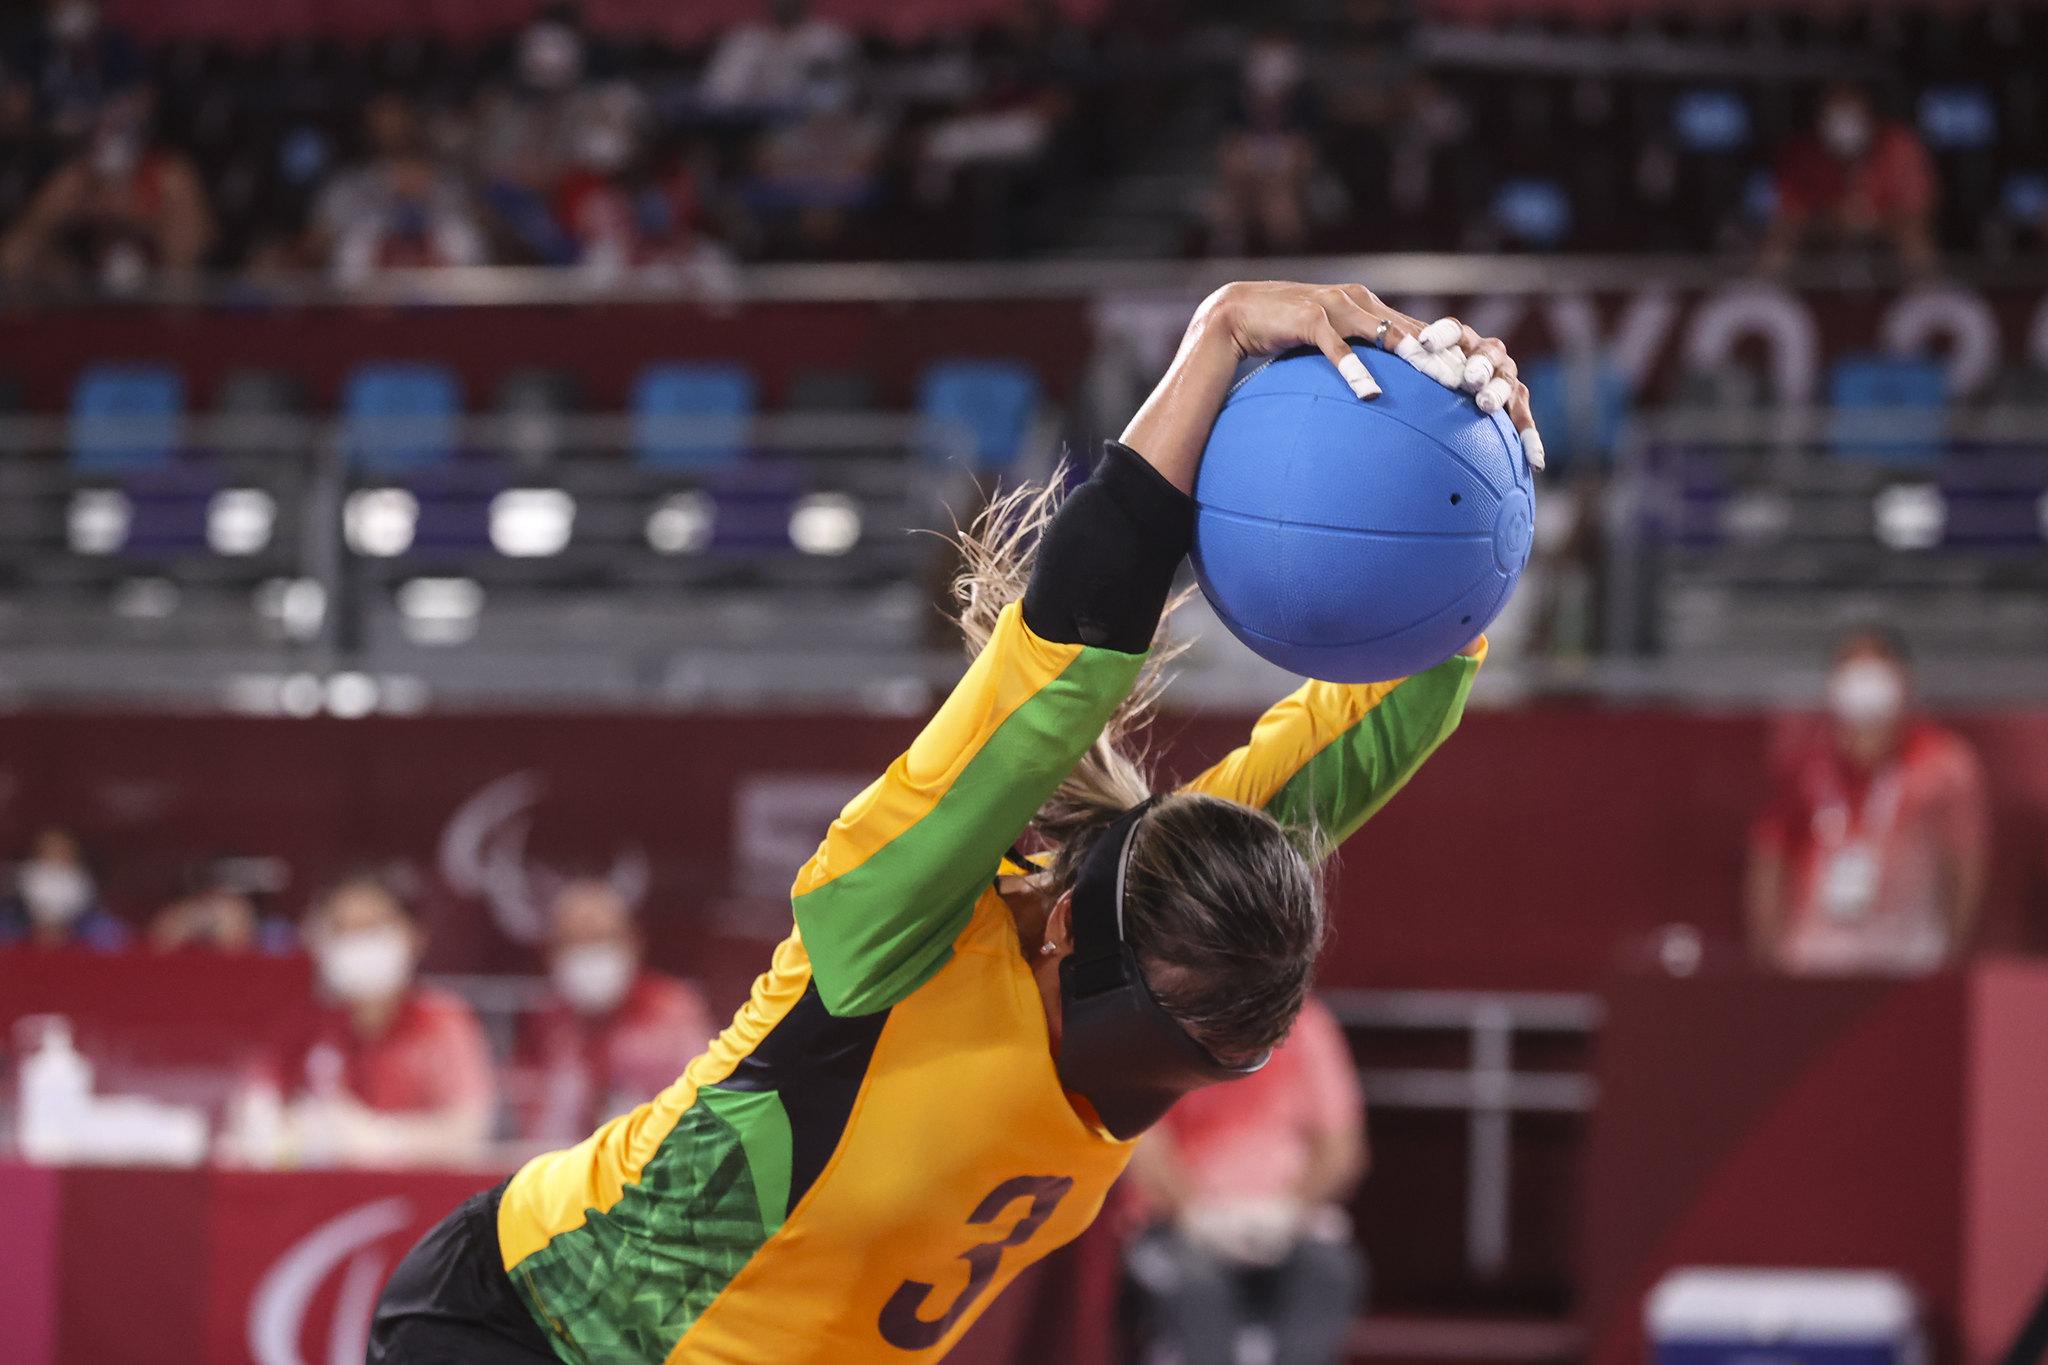 Foto de uma atleta durante o jogo de Golbol, ela usa a venda preta e agarra uma bola azuul, com os braços levantados.